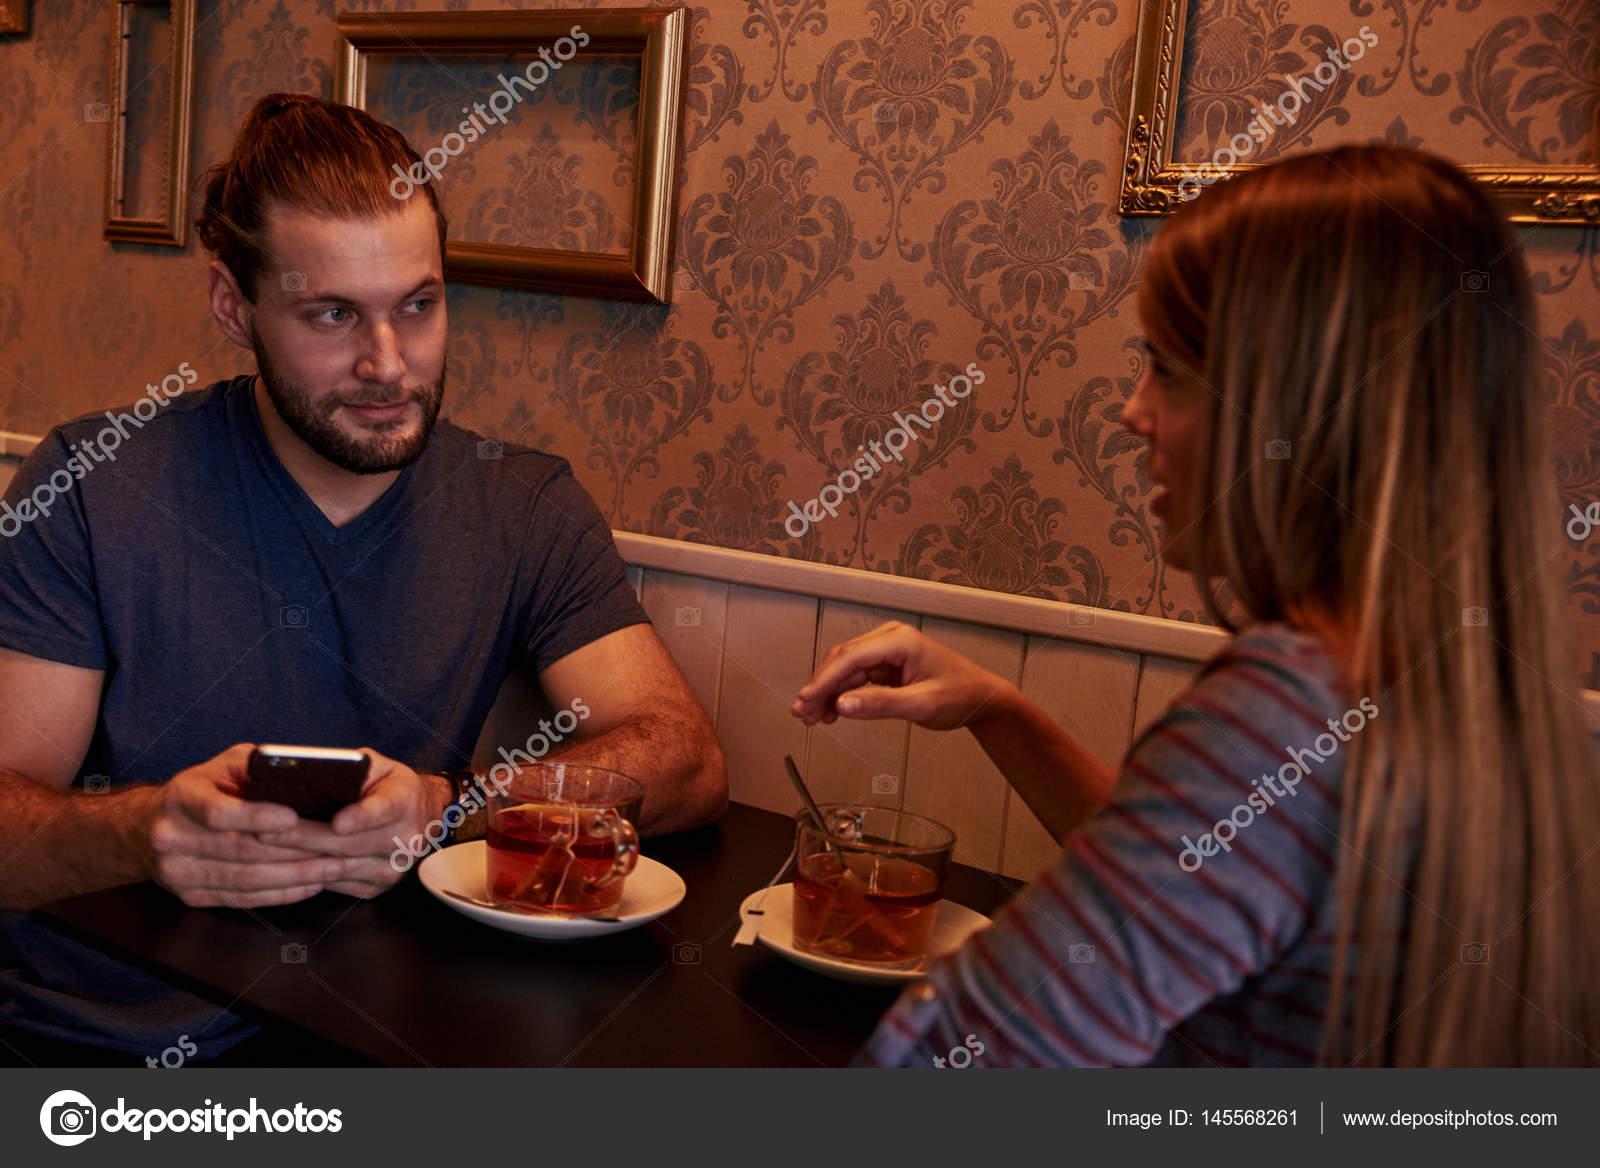 gratis online dating Kelowna BC